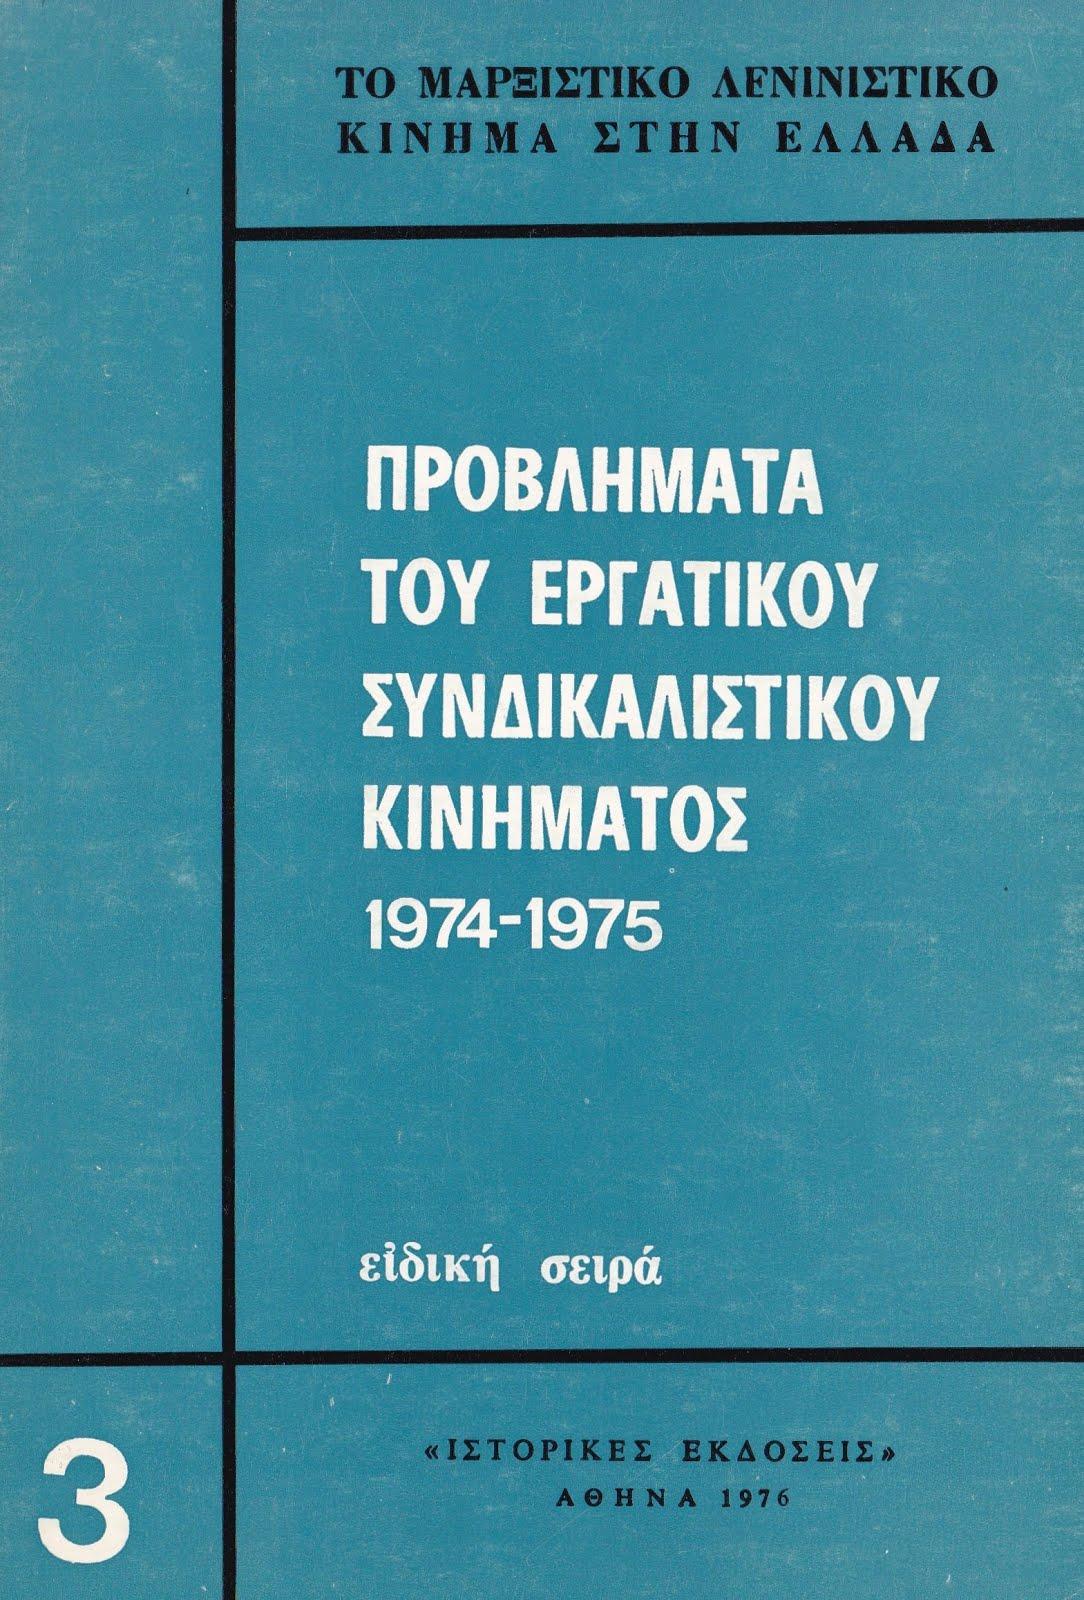 ΠΡΟΒΛΗΜΑΤΑ ΤΟΥ ΕΡΓΑΤΙΚΟΥ ΣΥΝΔΙΚΑΛΙΣΤΙΚΟΥ ΚΙΝΗΜΑΤΟΣ 1964-1967 (3)